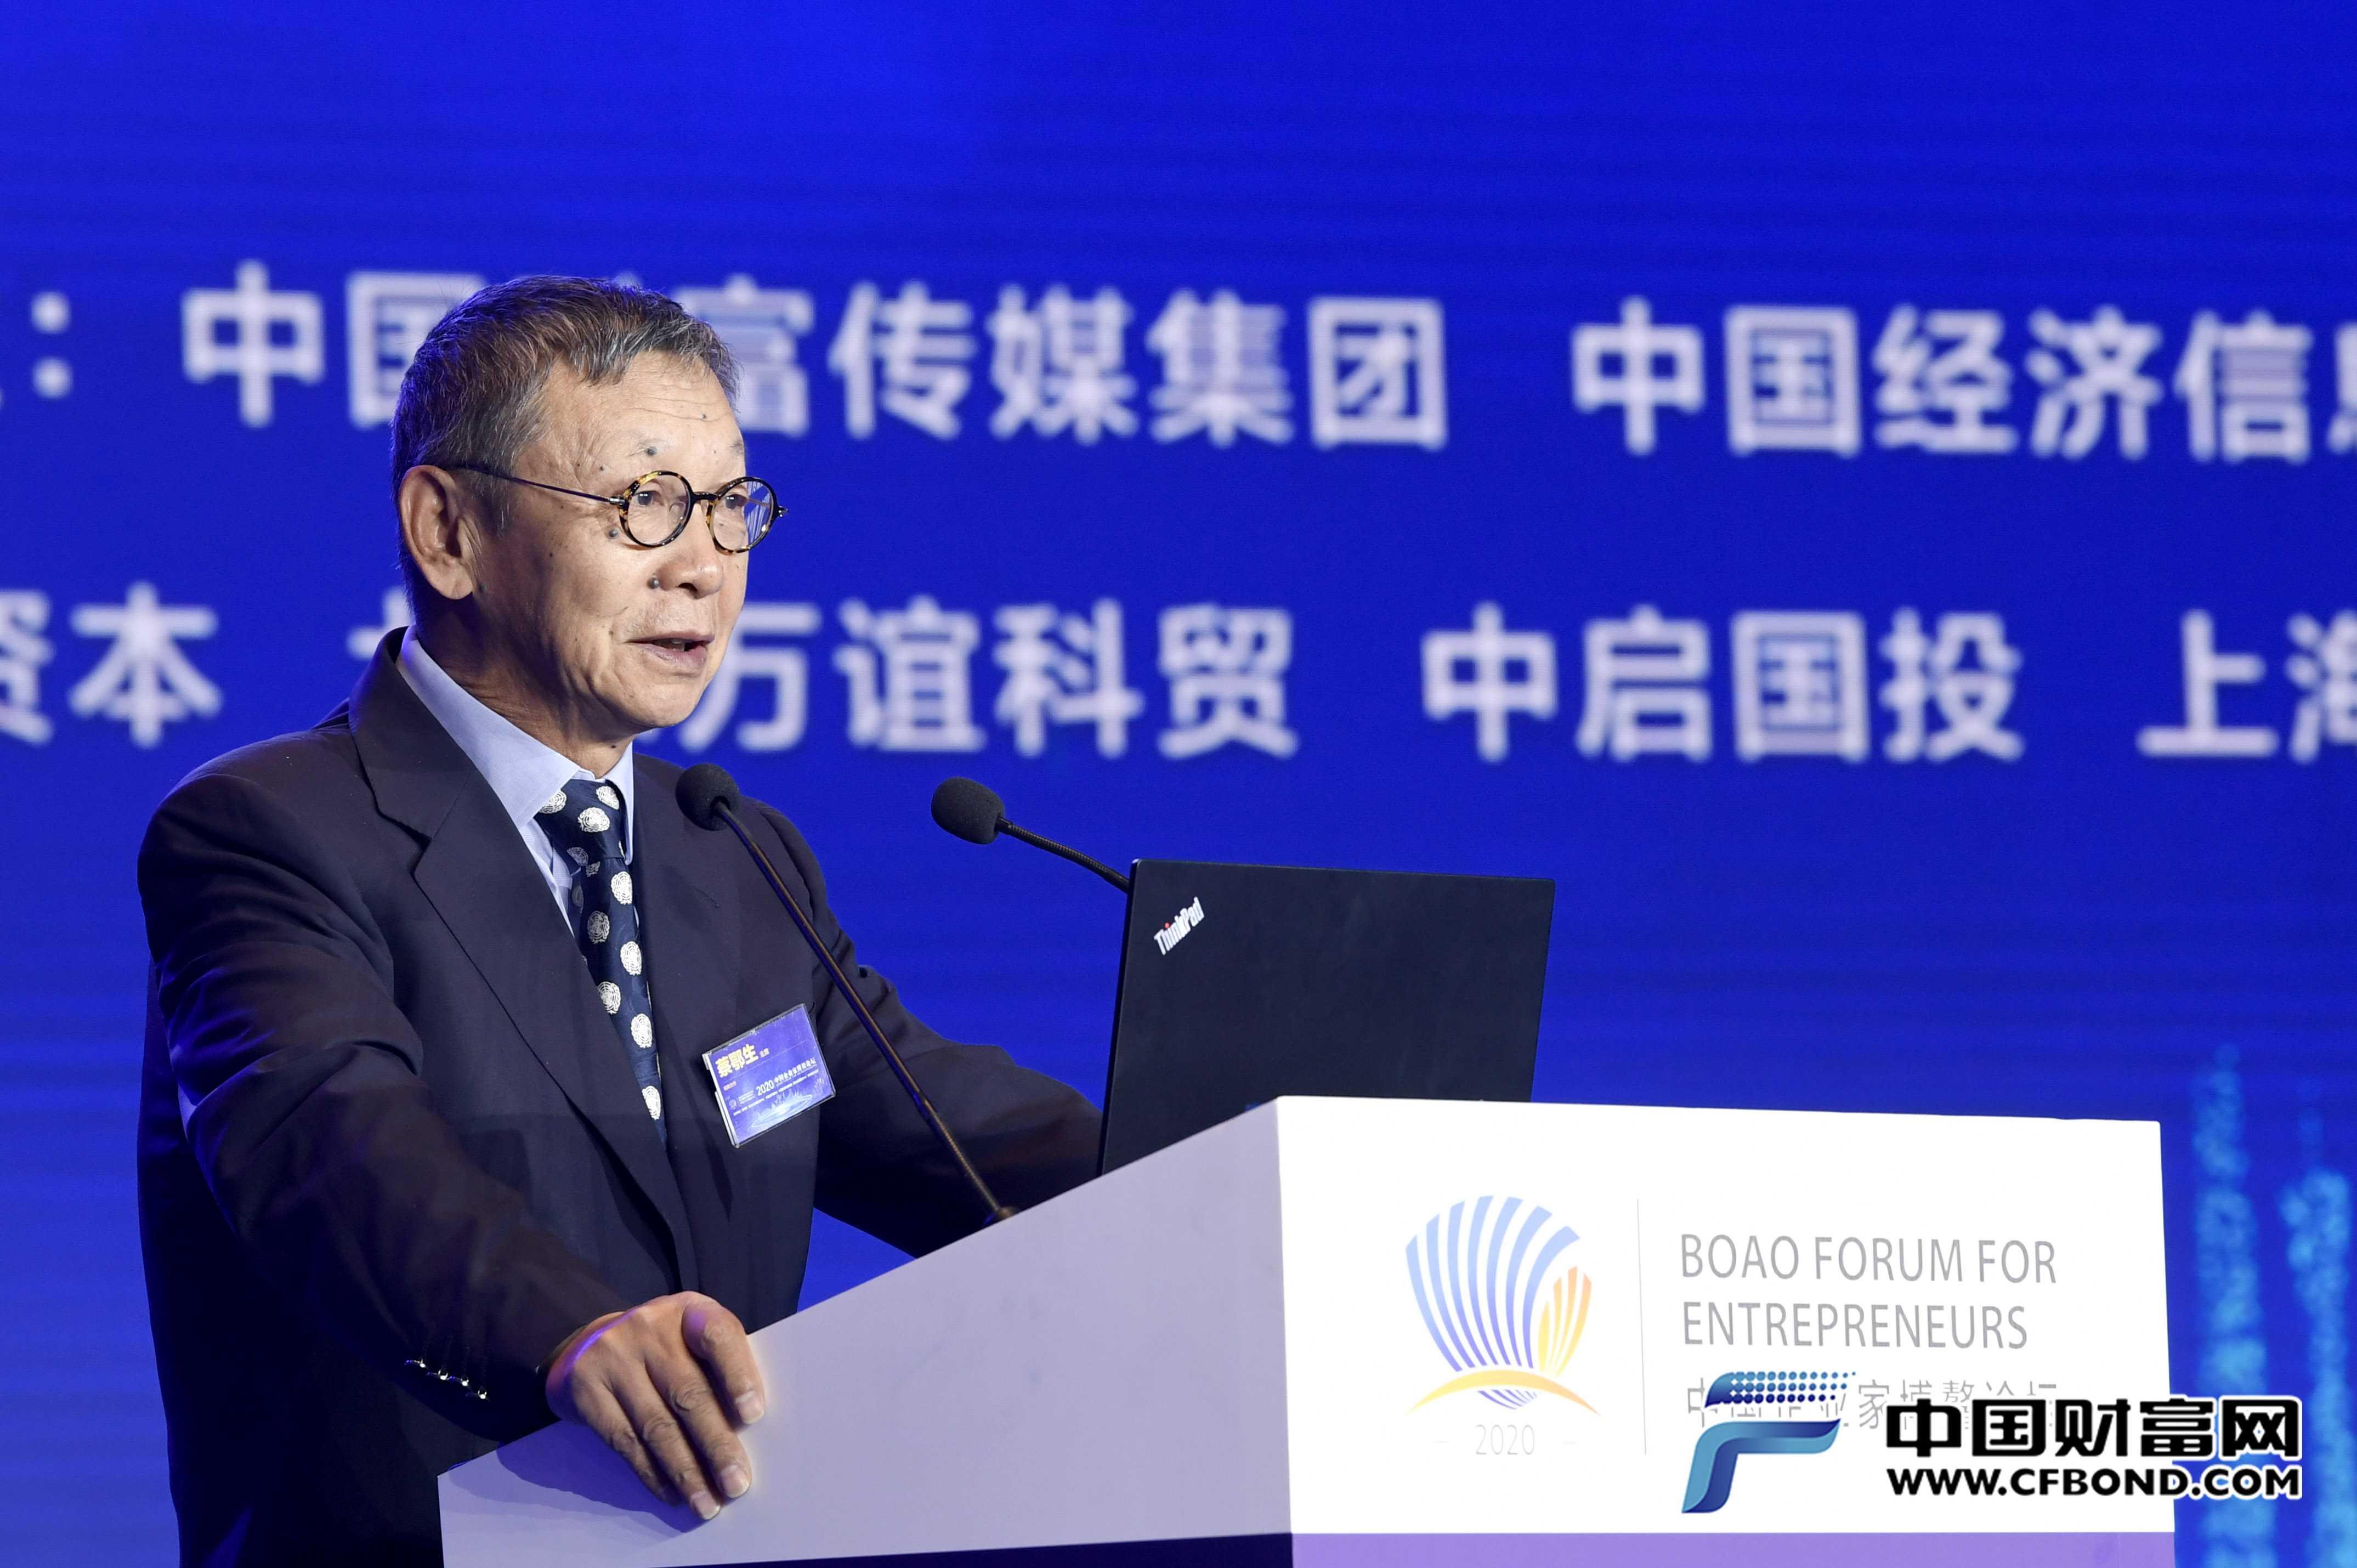 原中国银监会副主席、南南合作金融中心主席蔡鄂生发言